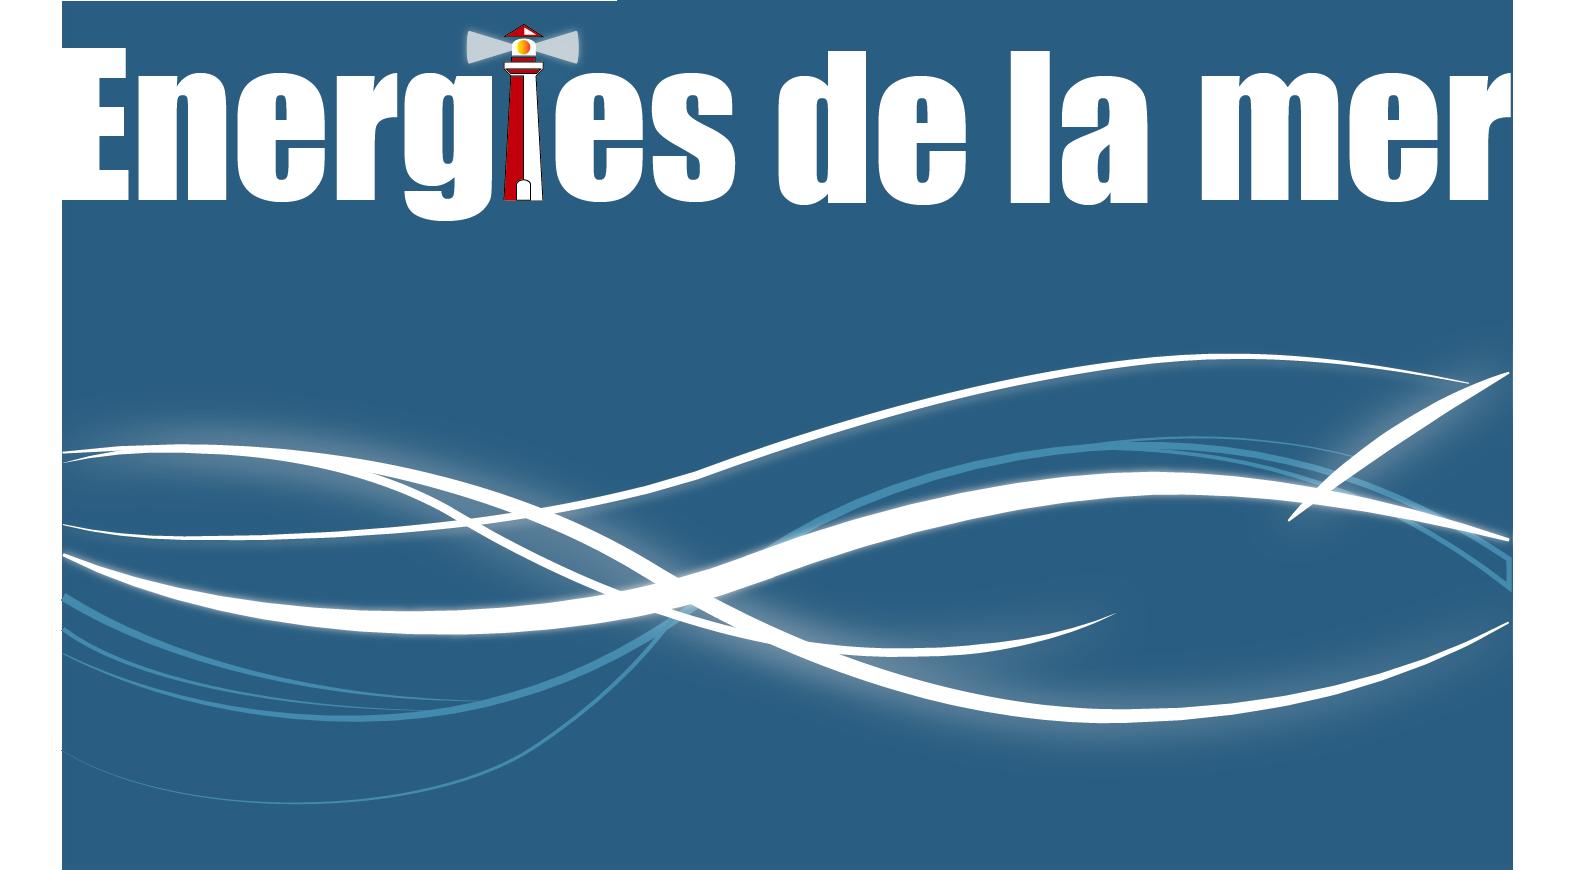 logo edlm bleu